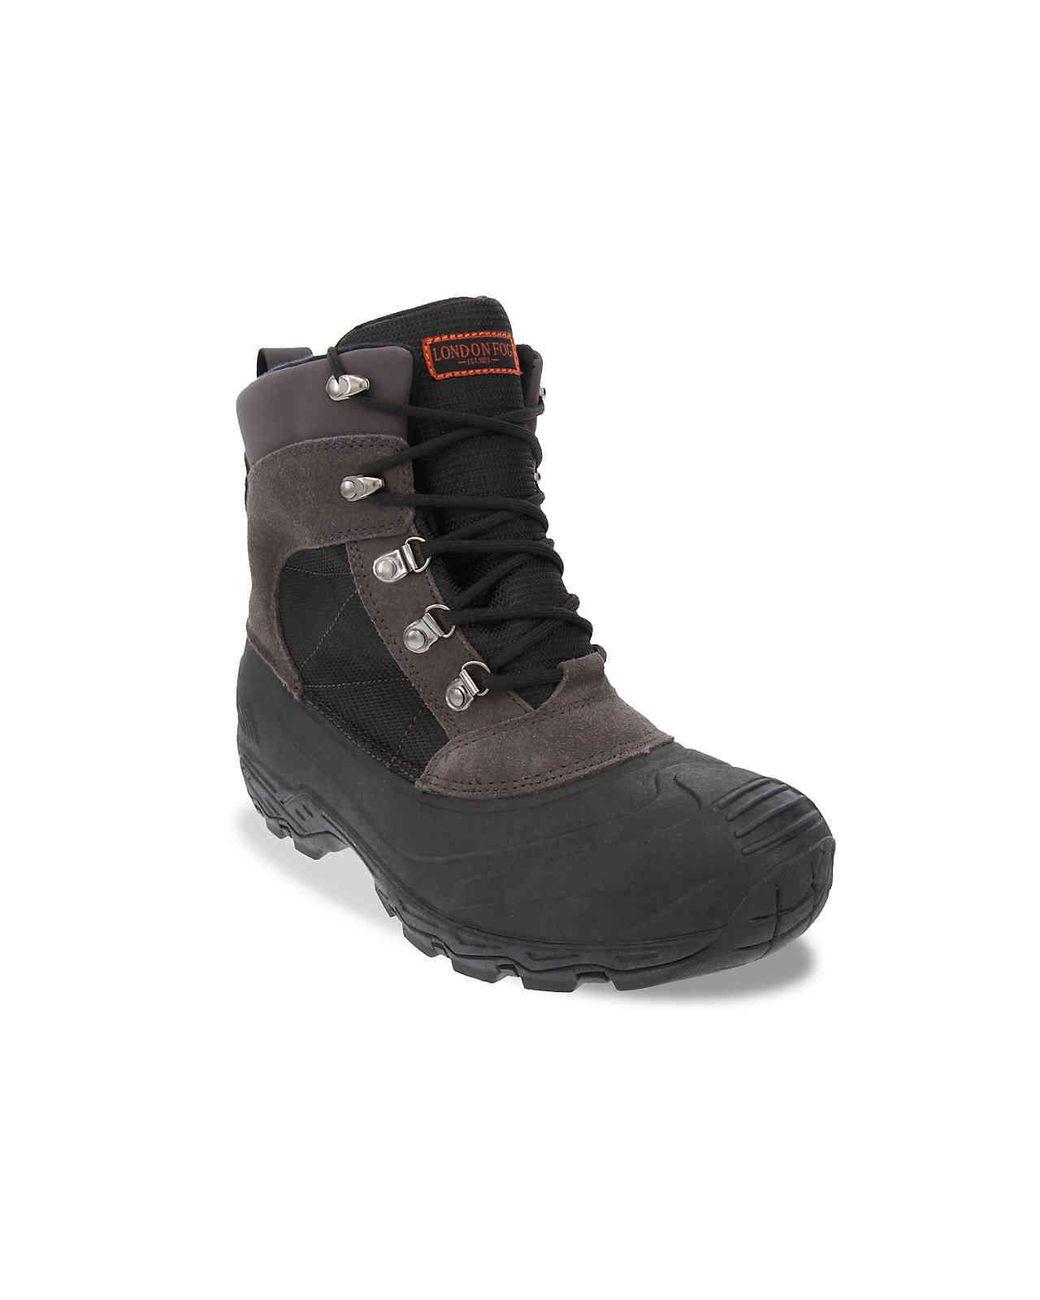 46addc3b054 Men's Gray Woodside Duck Boot